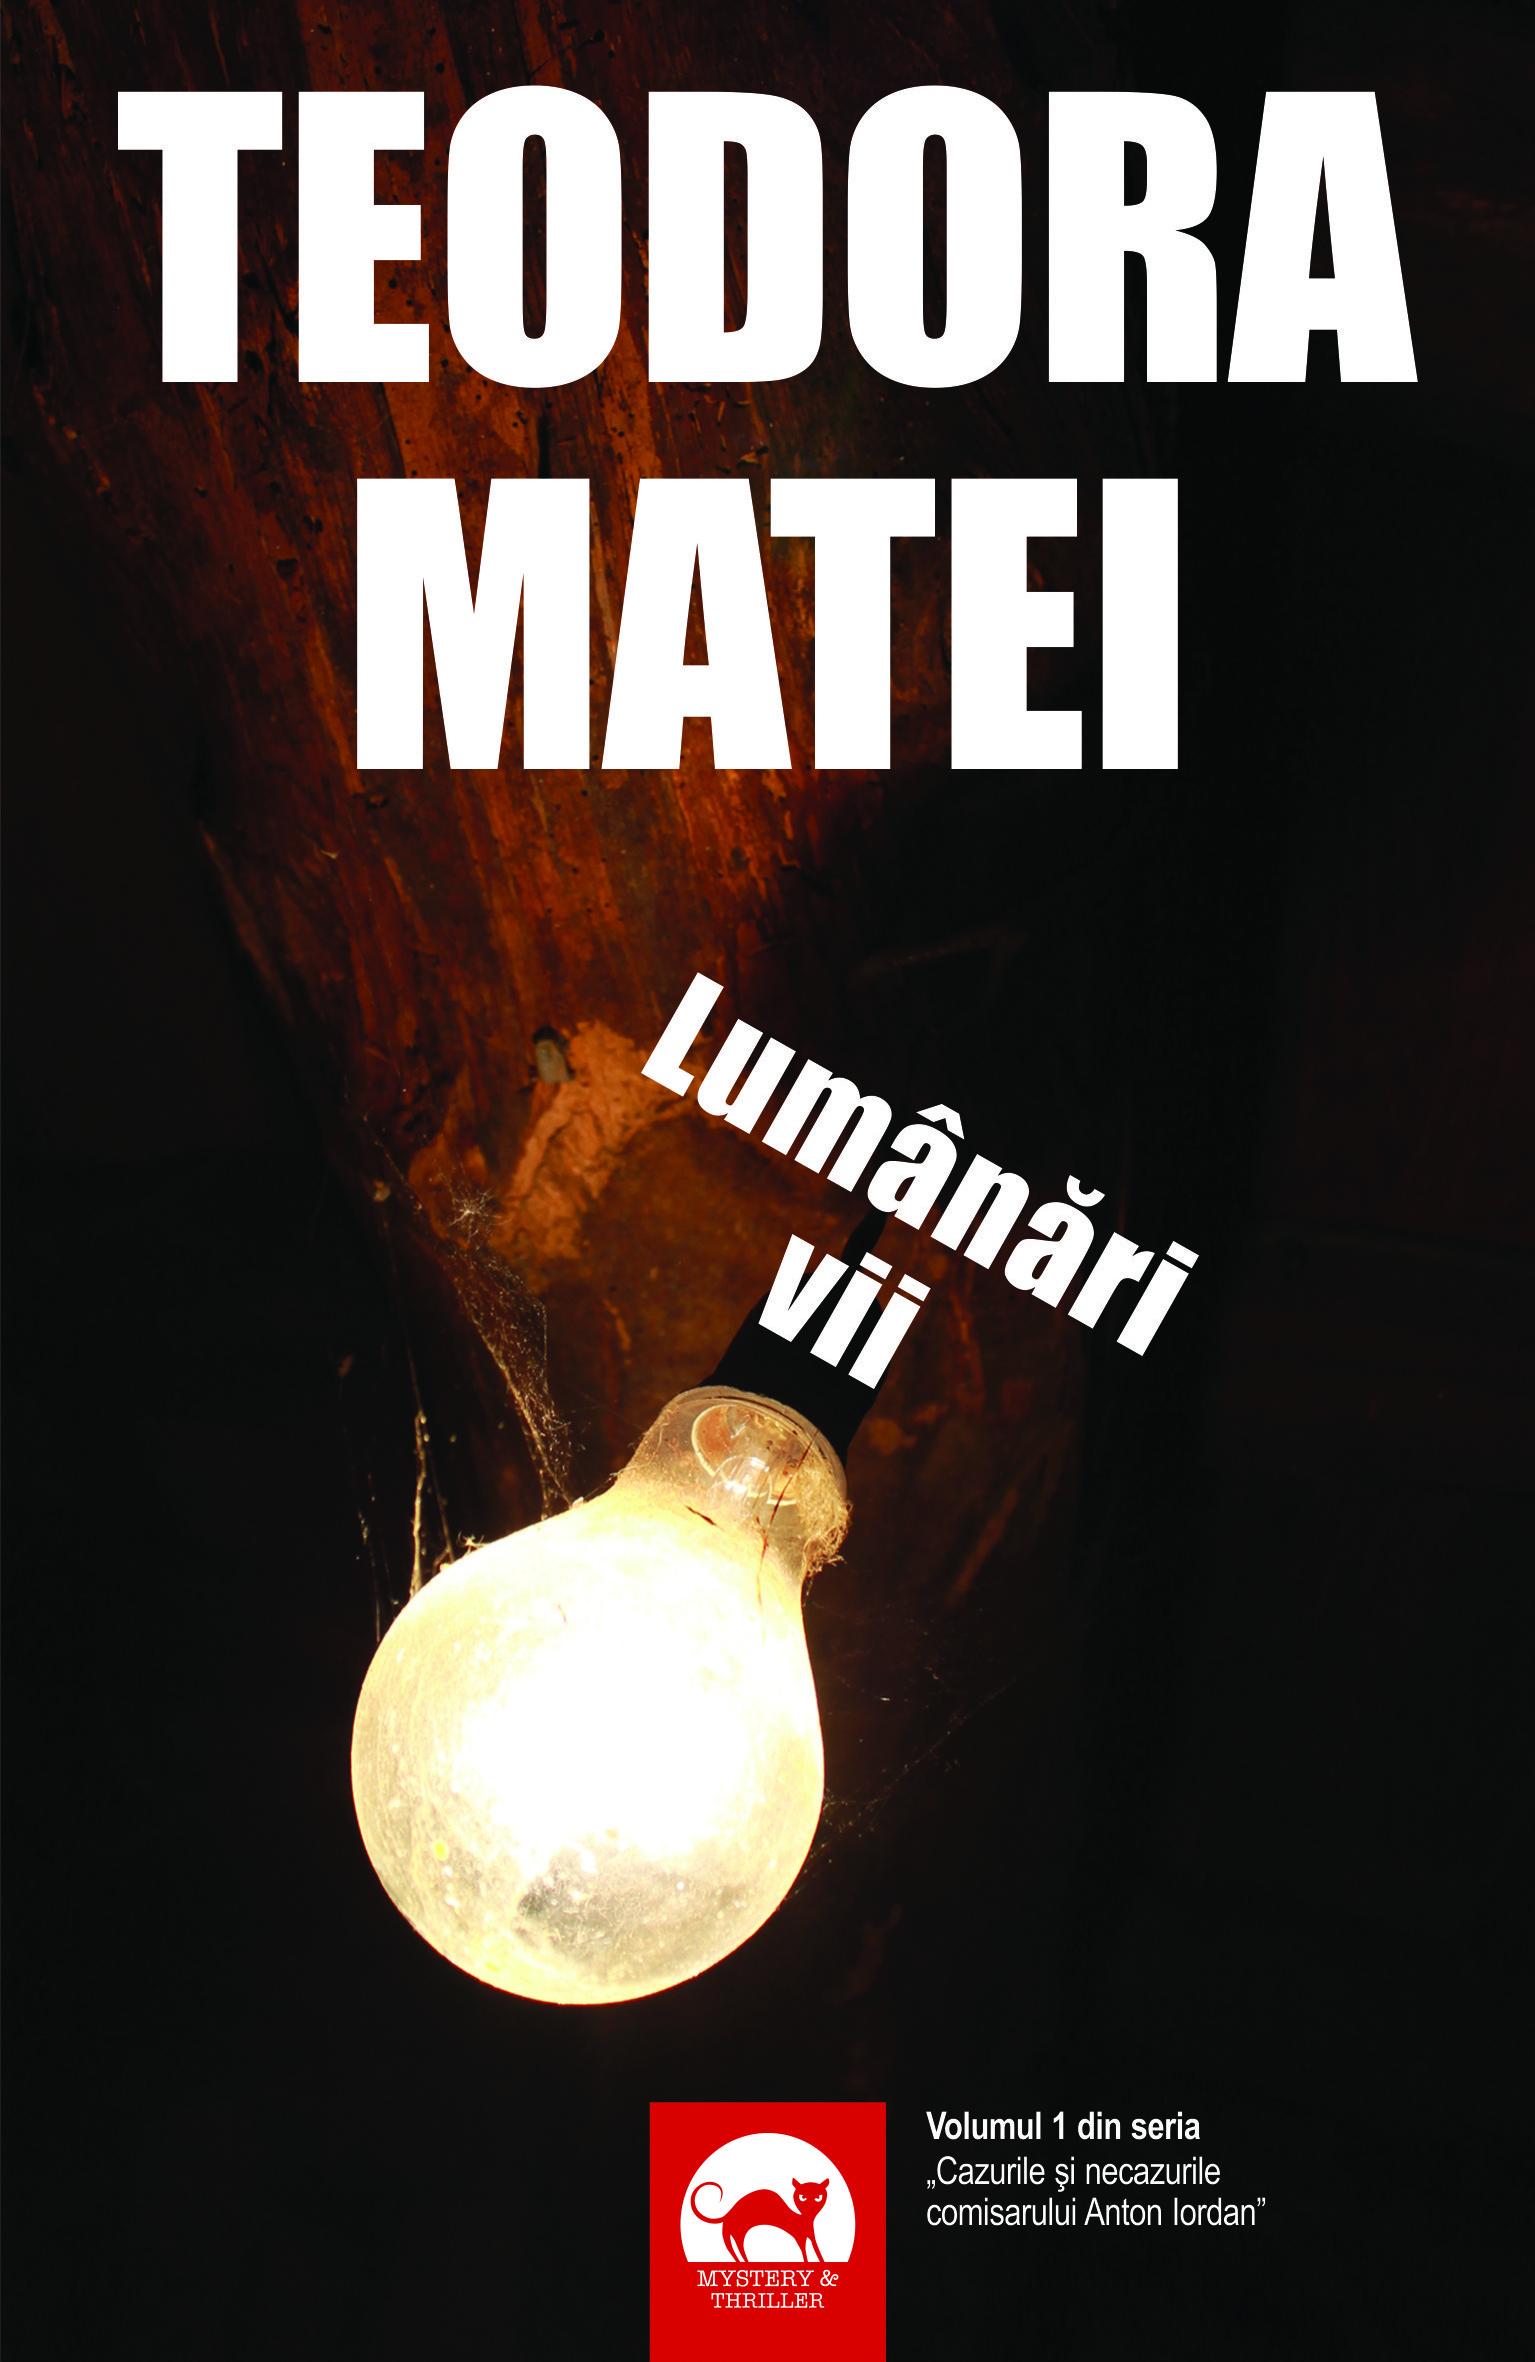 teodora-matei-lumanari-vii